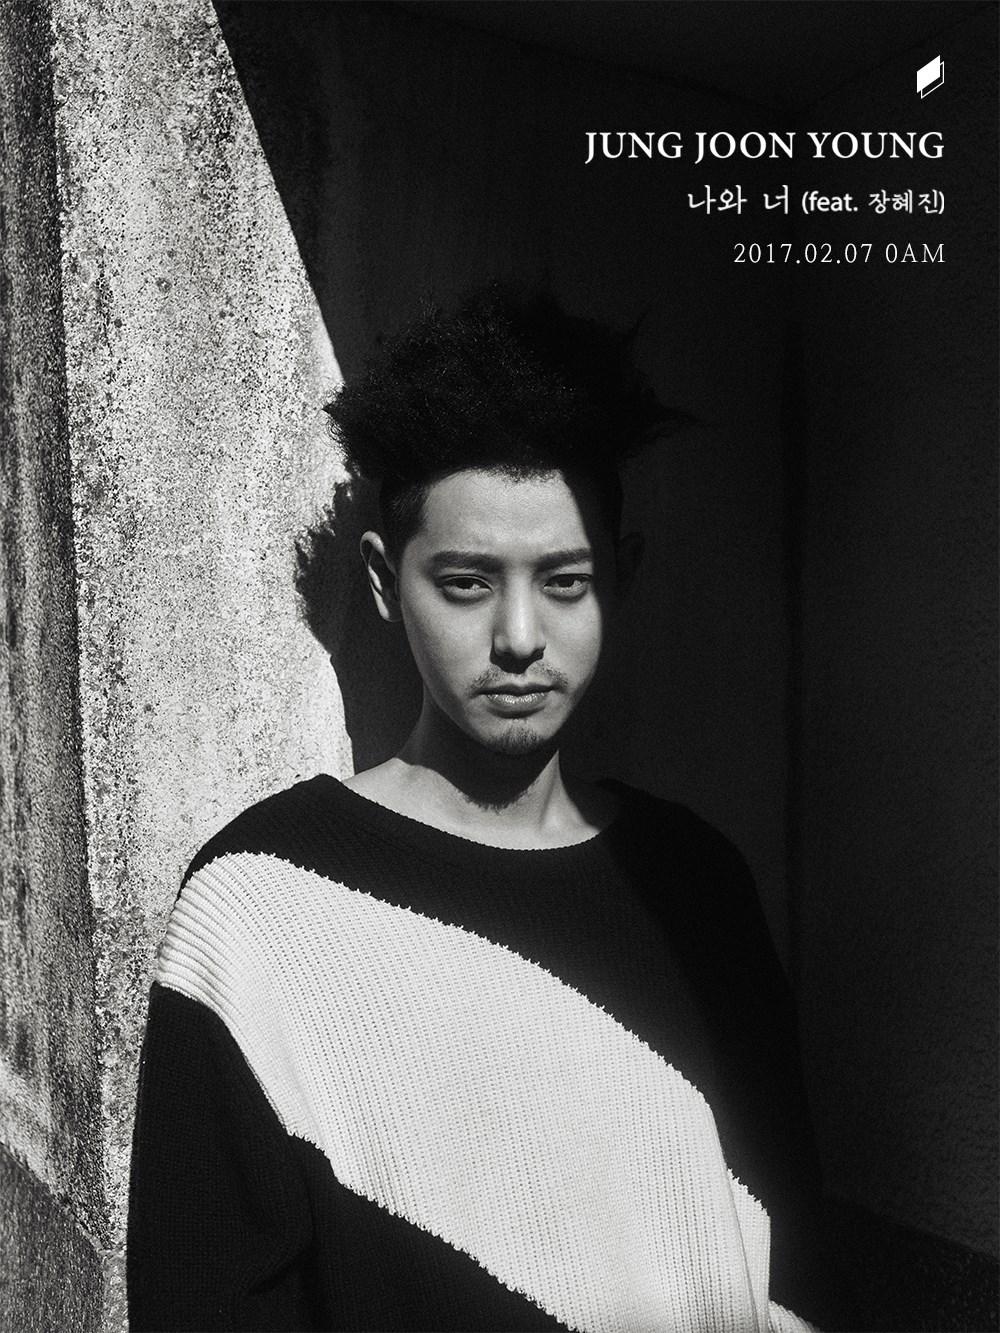 """[Actualizado] Jung Joon Young revela lista de canciones para su álbum """"The First Person"""""""